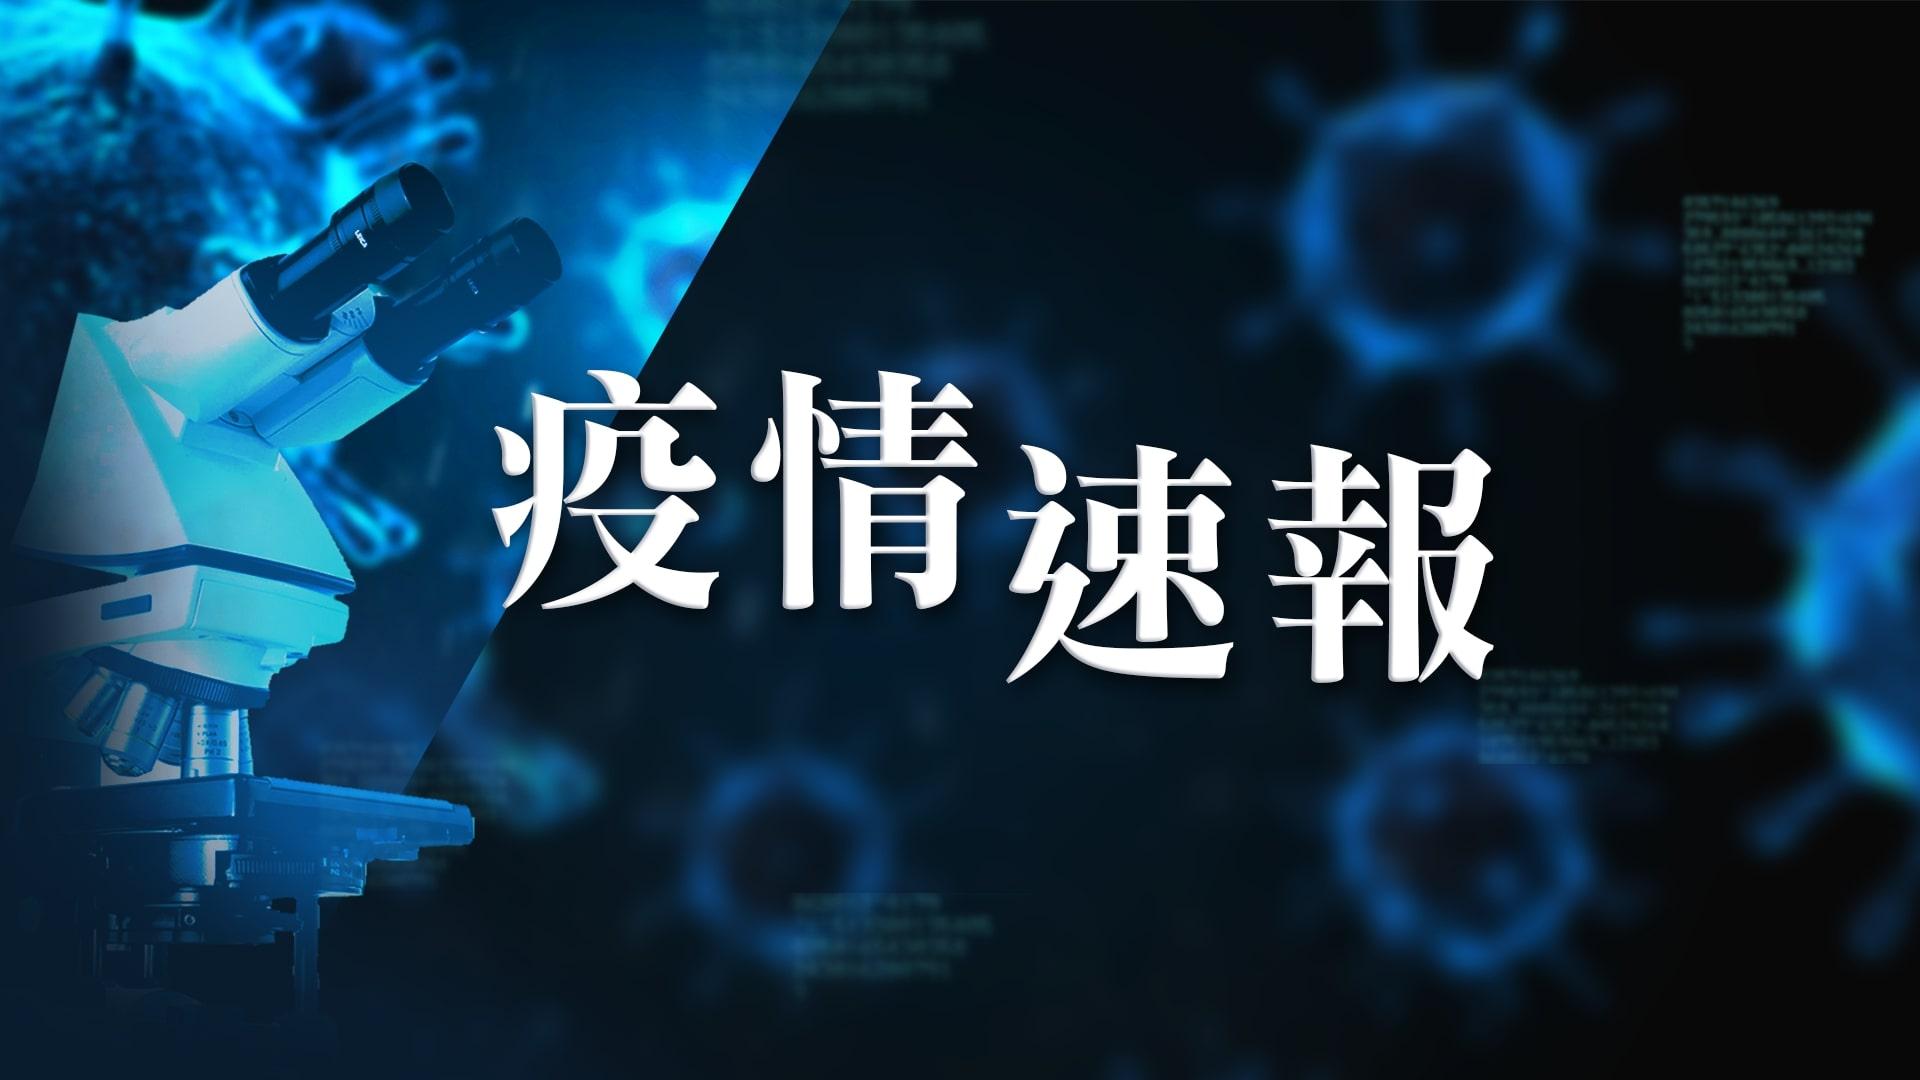 【6月4日疫情速報】(19:45)